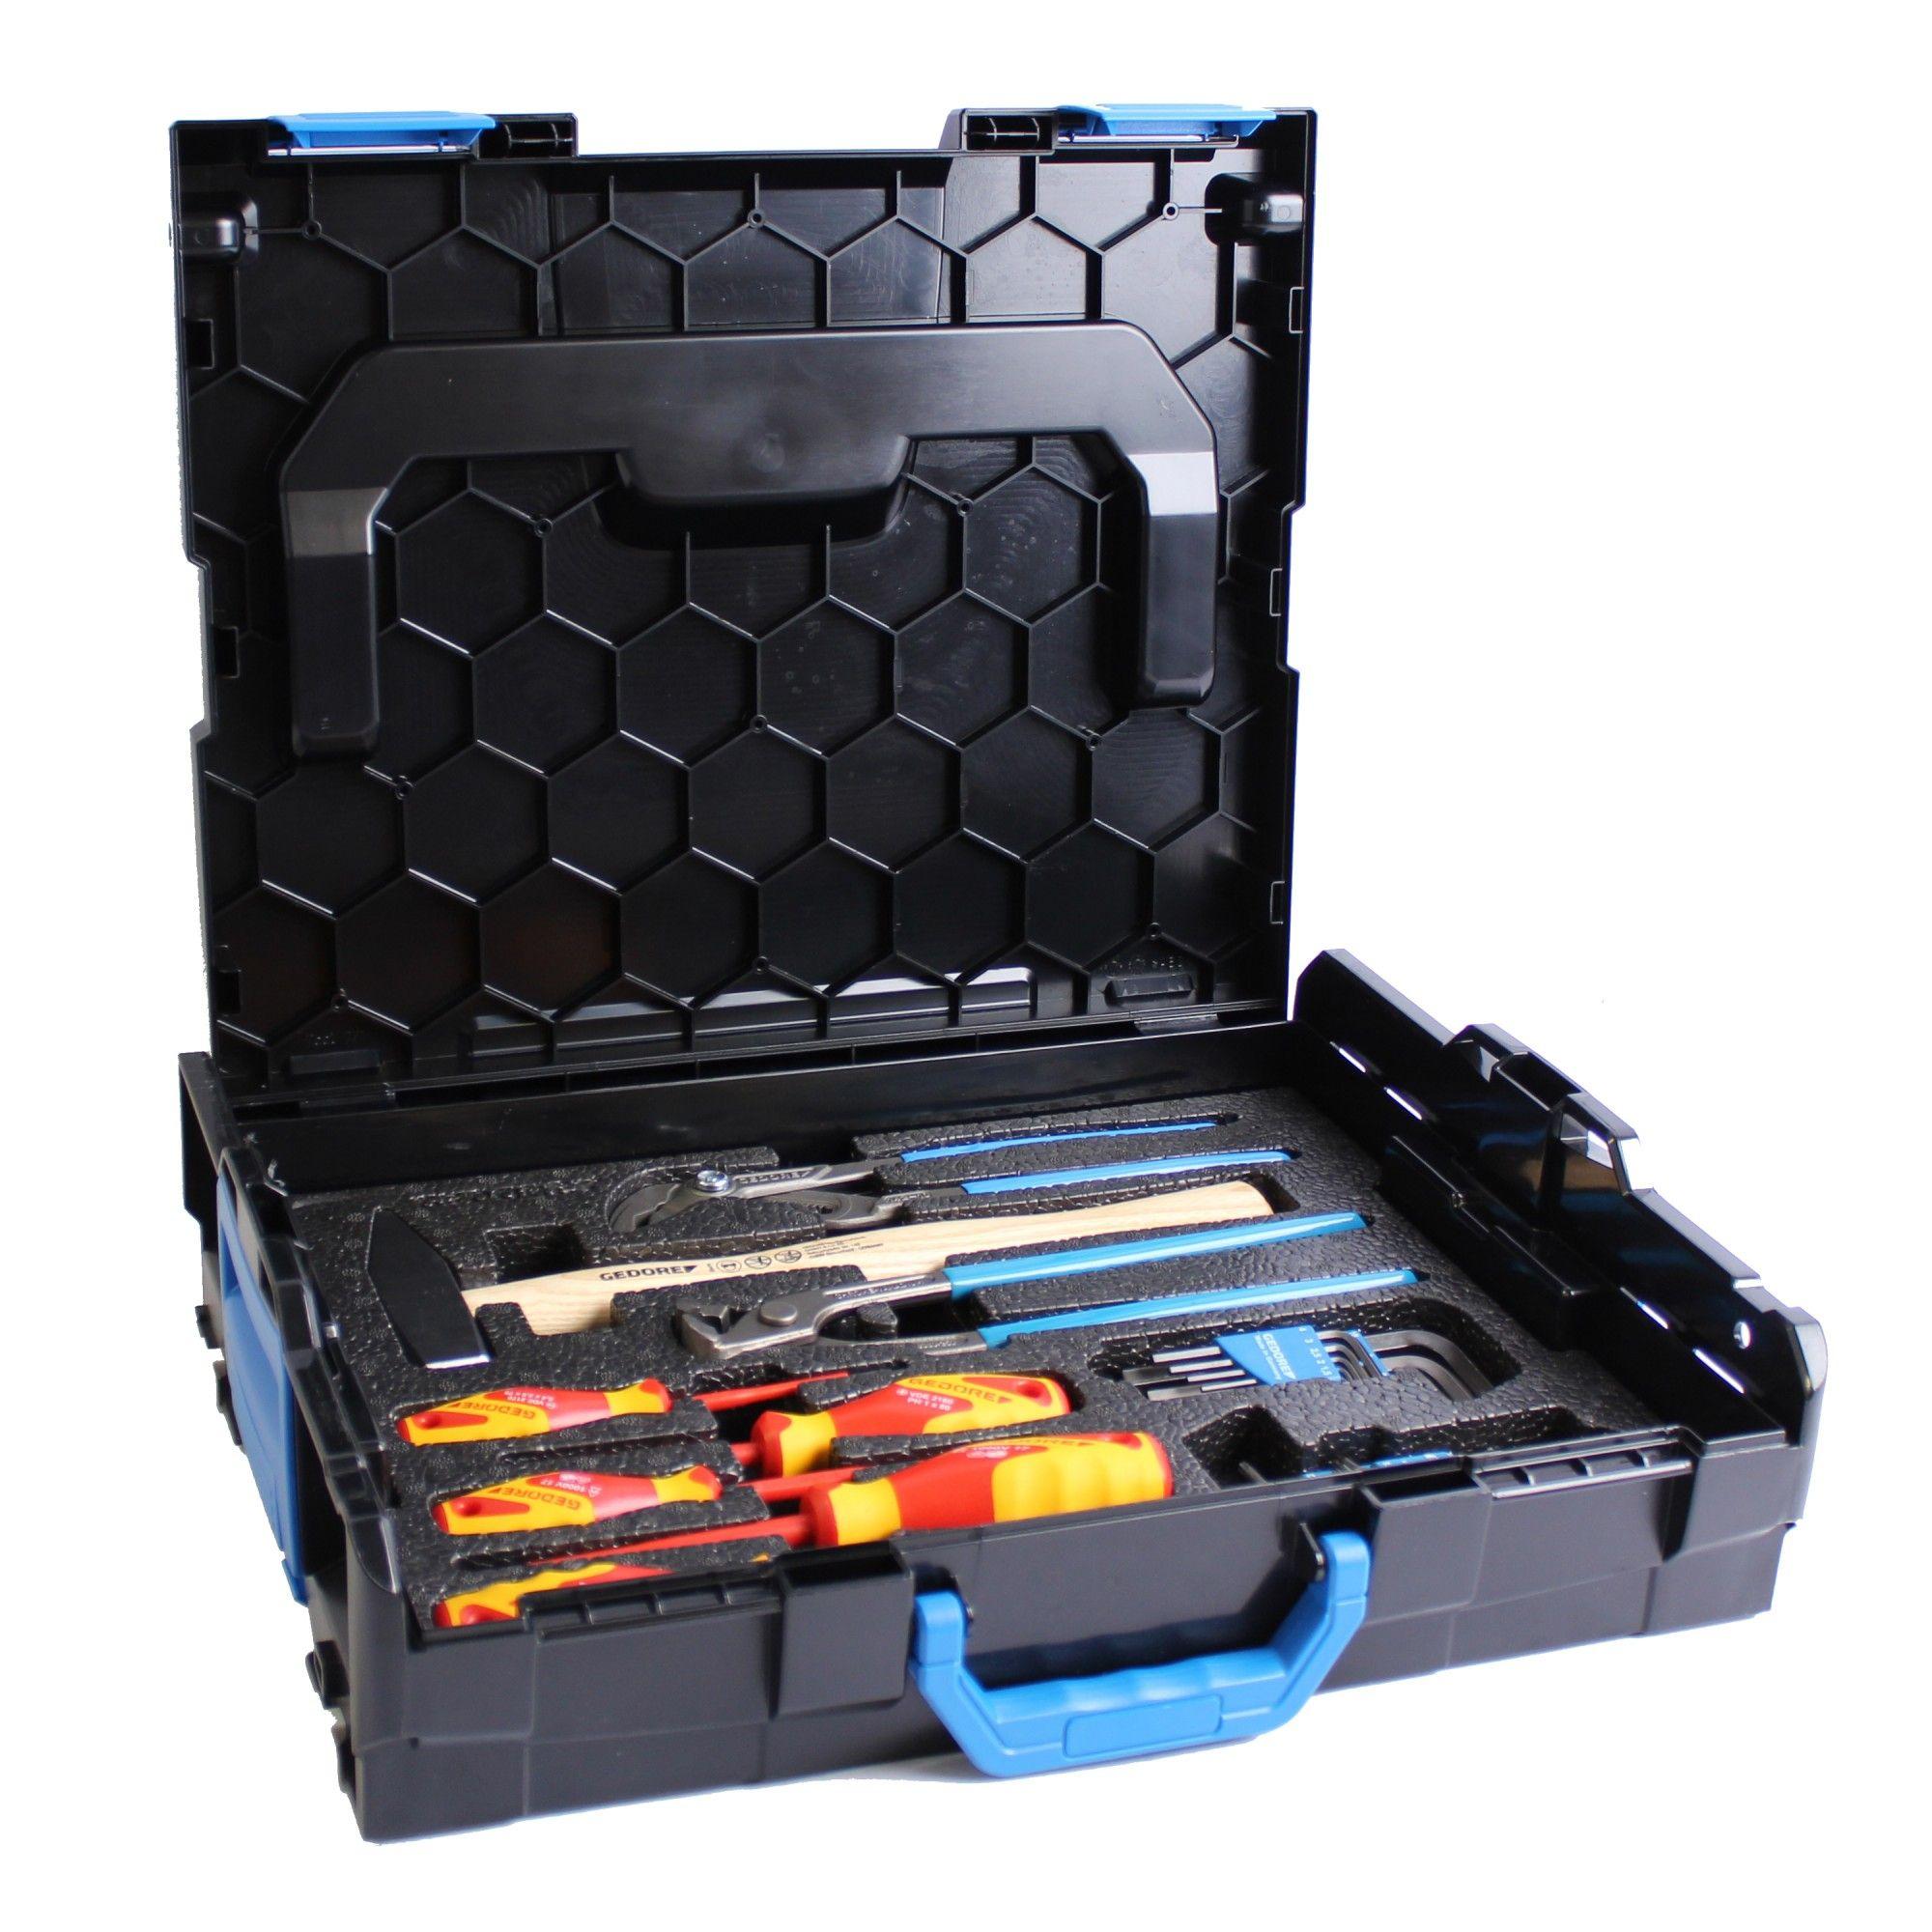 Gedore Werkzeug-Set 26-teilig in L-BOXX Gr. 1 Bosch / Sortimo Gr. 102